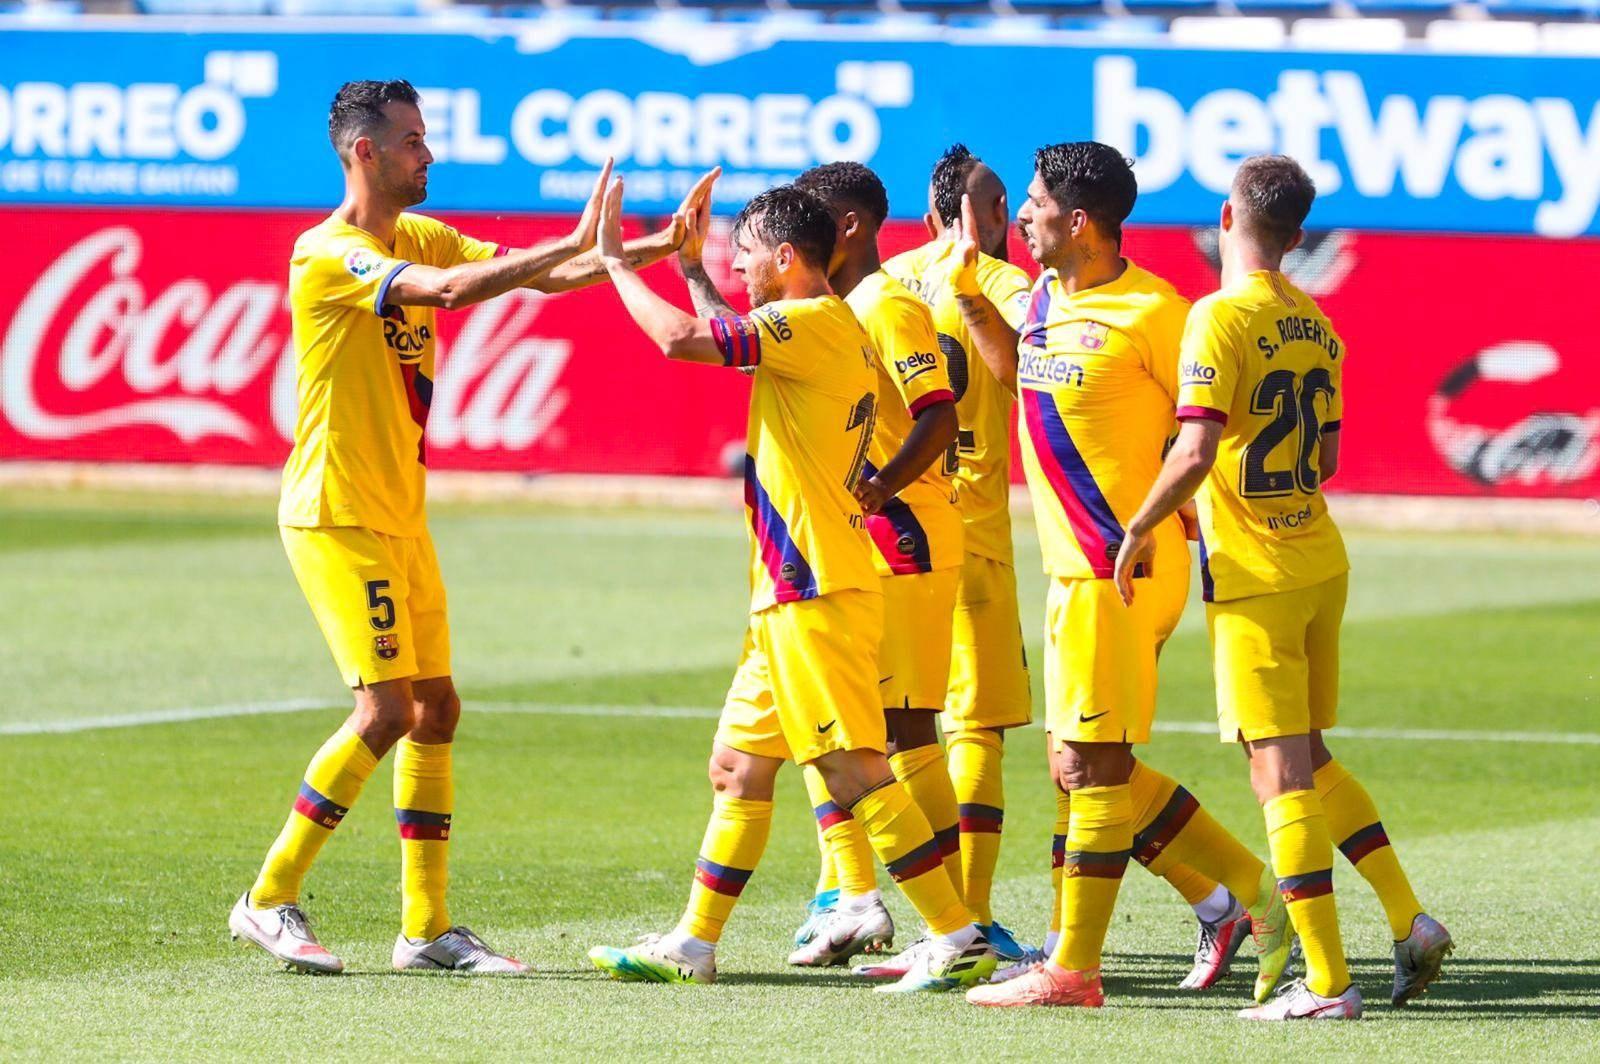 لاعبو برشلونة في مباراة ألافيس